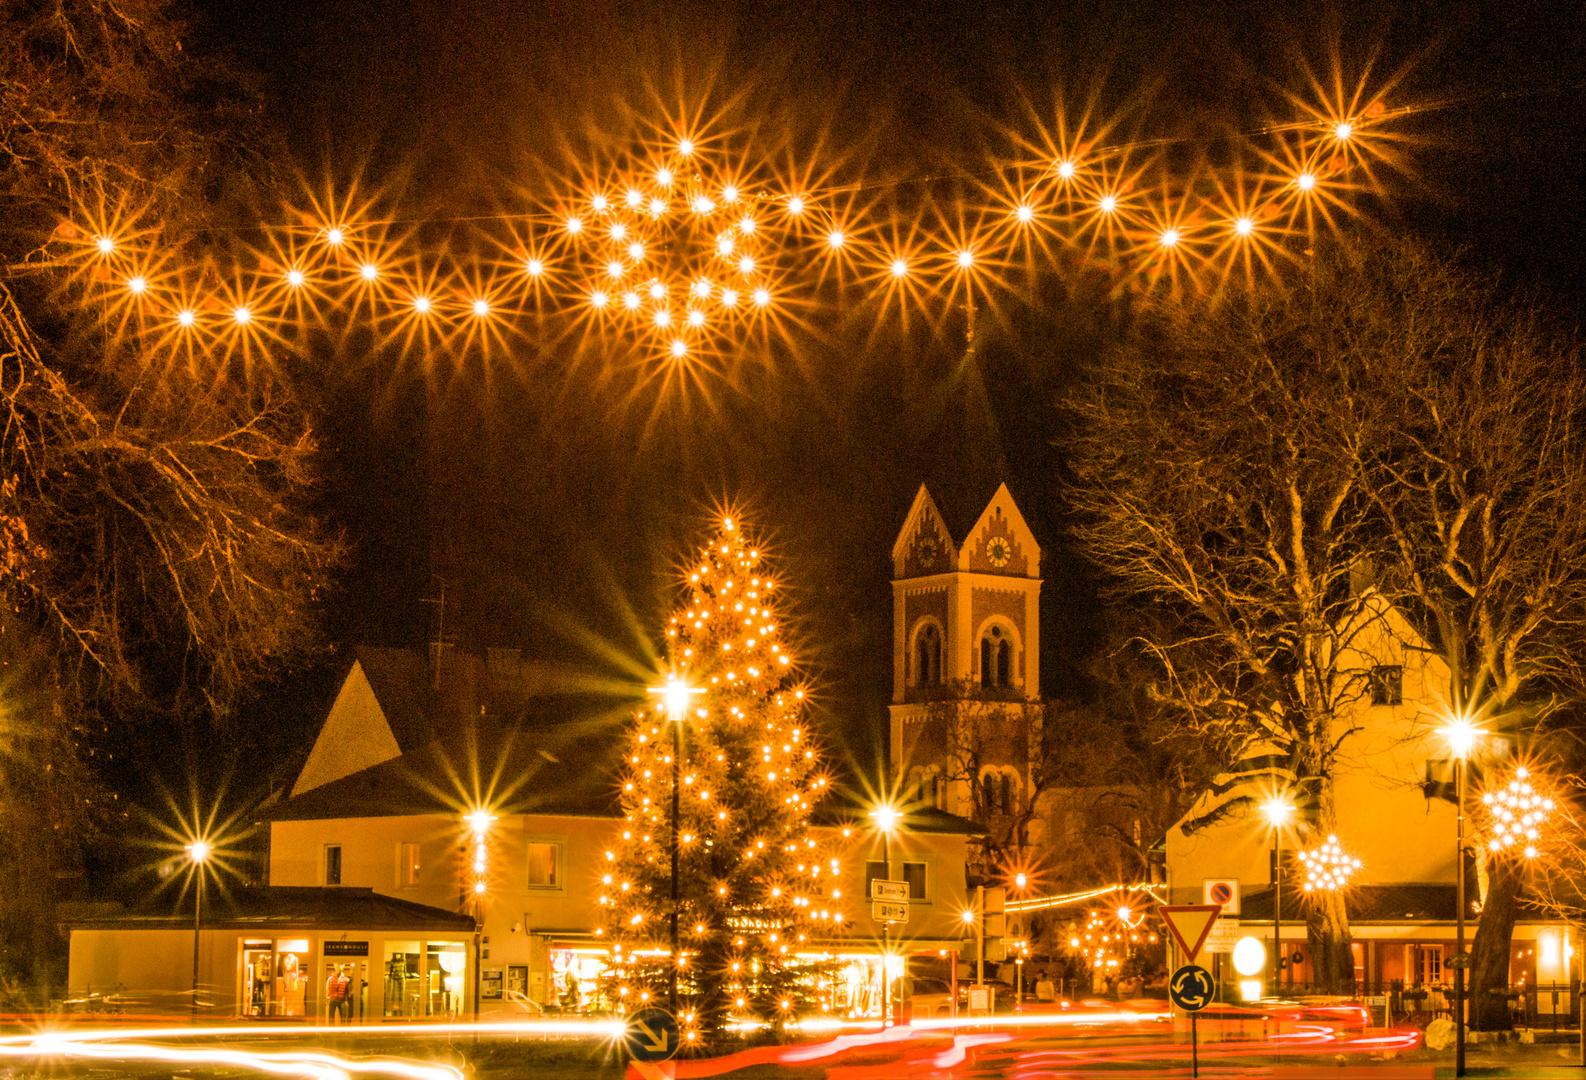 frohe weihnachten foto bild gratulation und feiertage weihnachten christmas nacht bilder